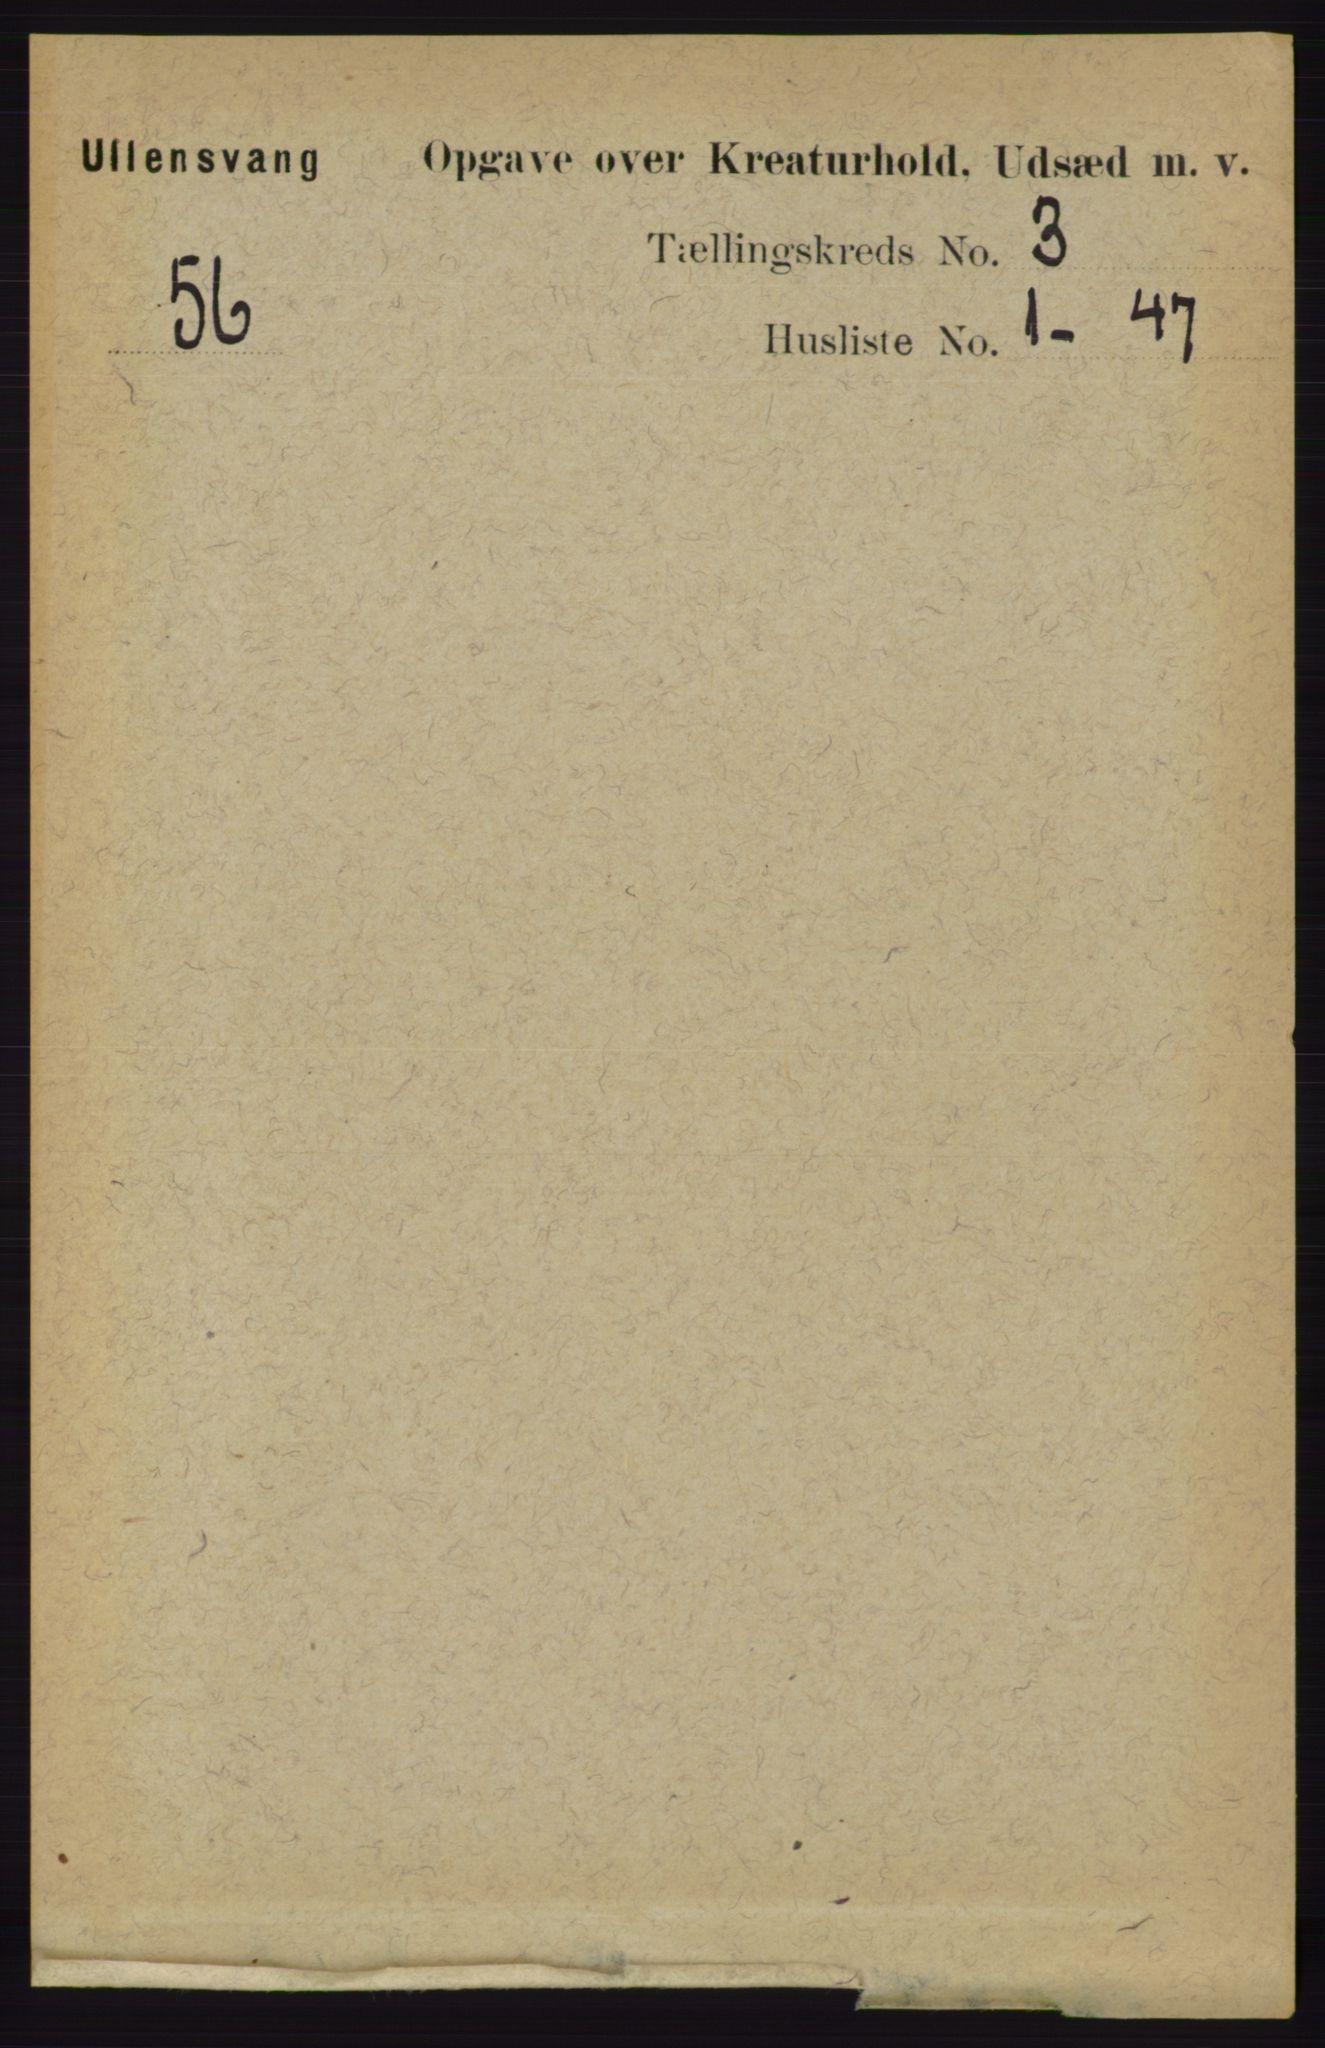 RA, Folketelling 1891 for 1230 Ullensvang herred, 1891, s. 6810